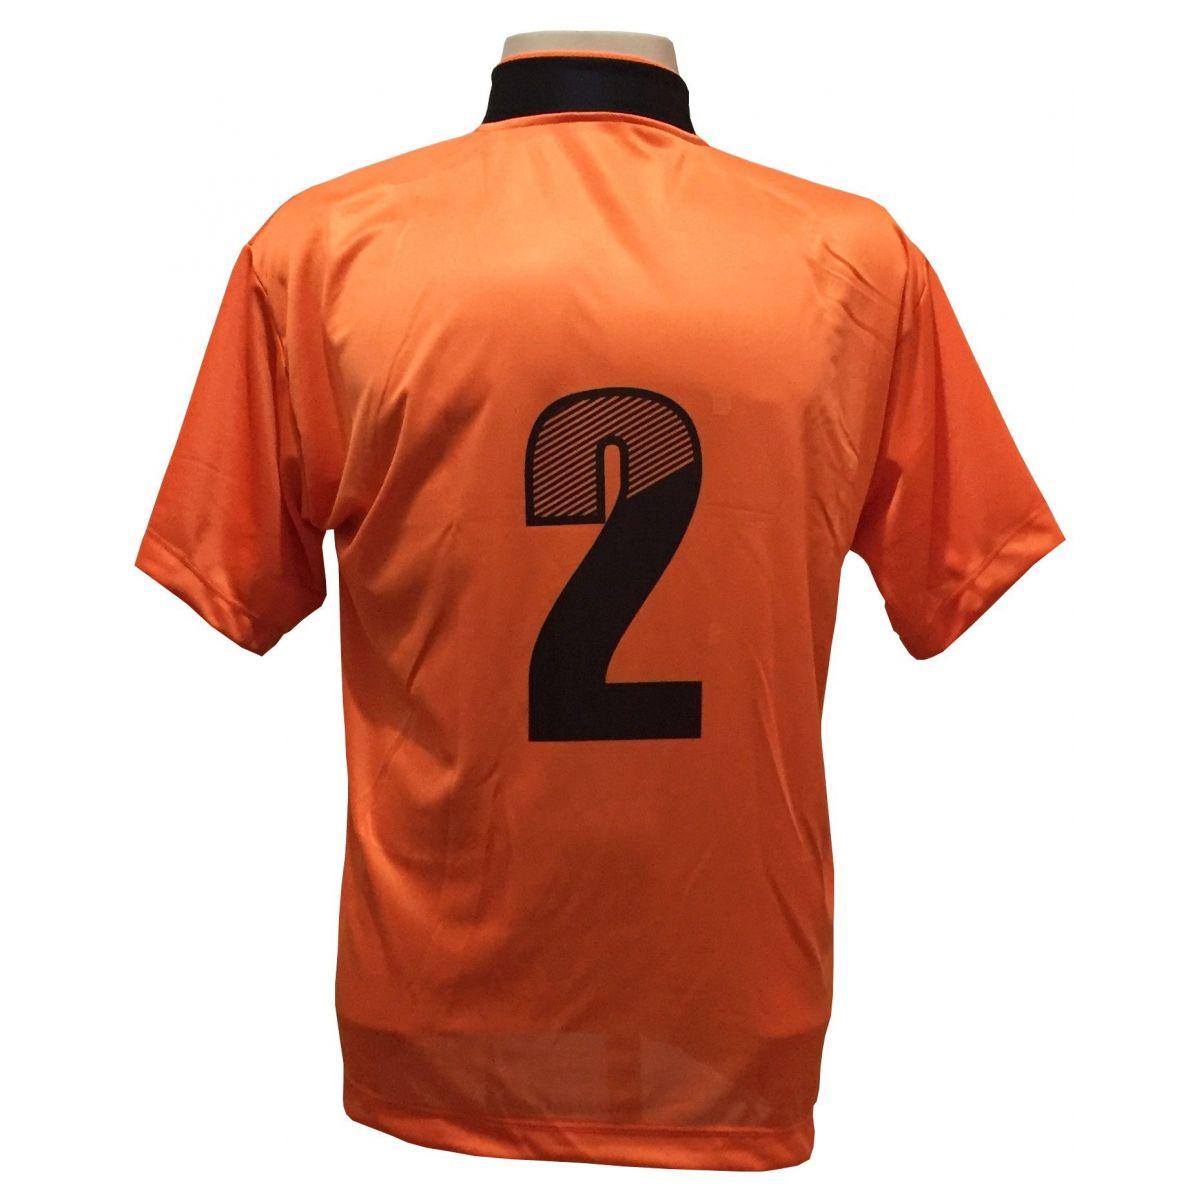 Jogo de Camisa com 14 unidades modelo Suécia Laranja/Preto + Brindes